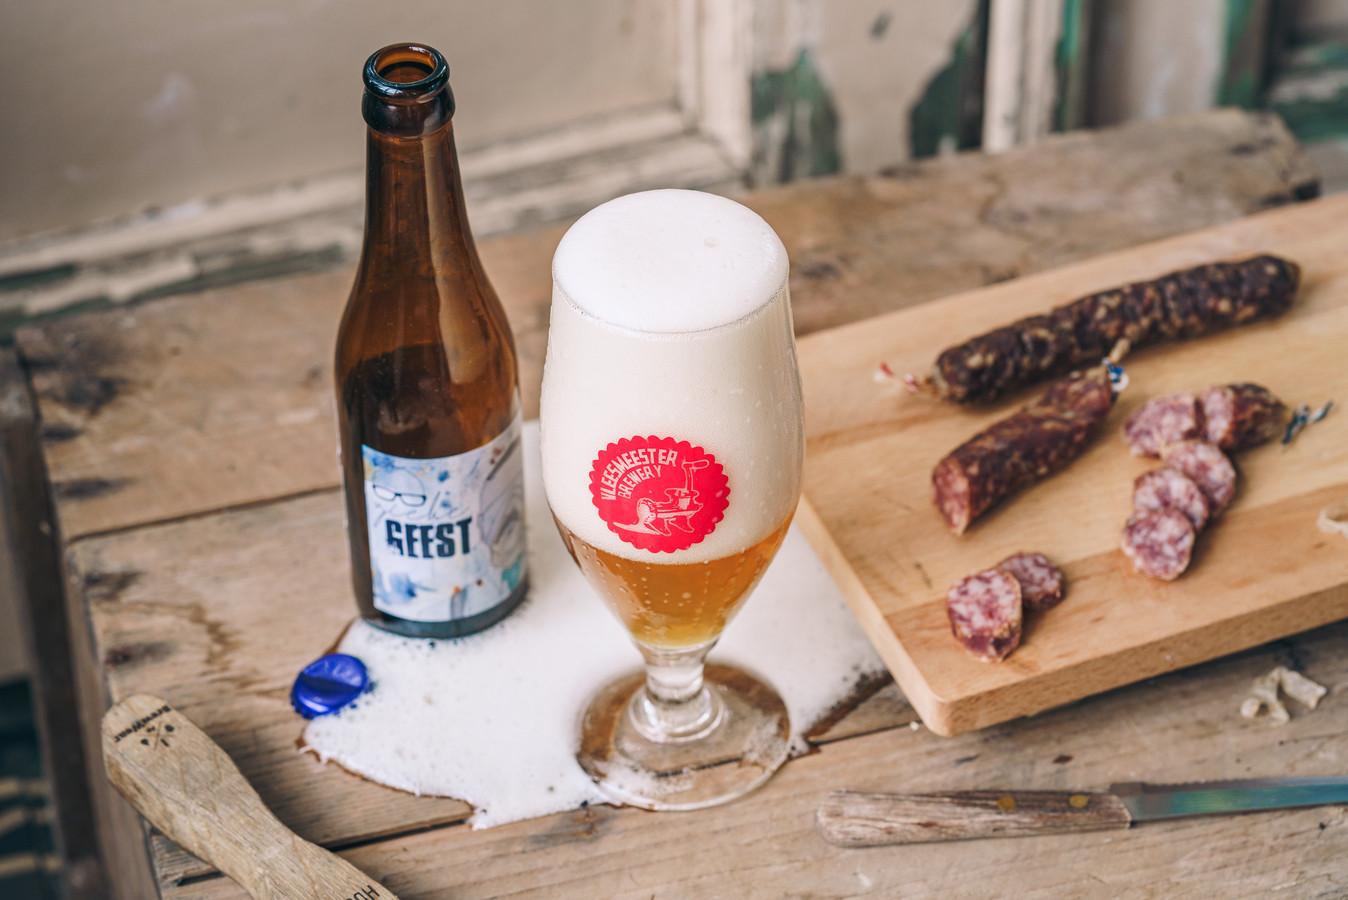 Het bier correct inschenken moet Geubels duidelijk nog leren.